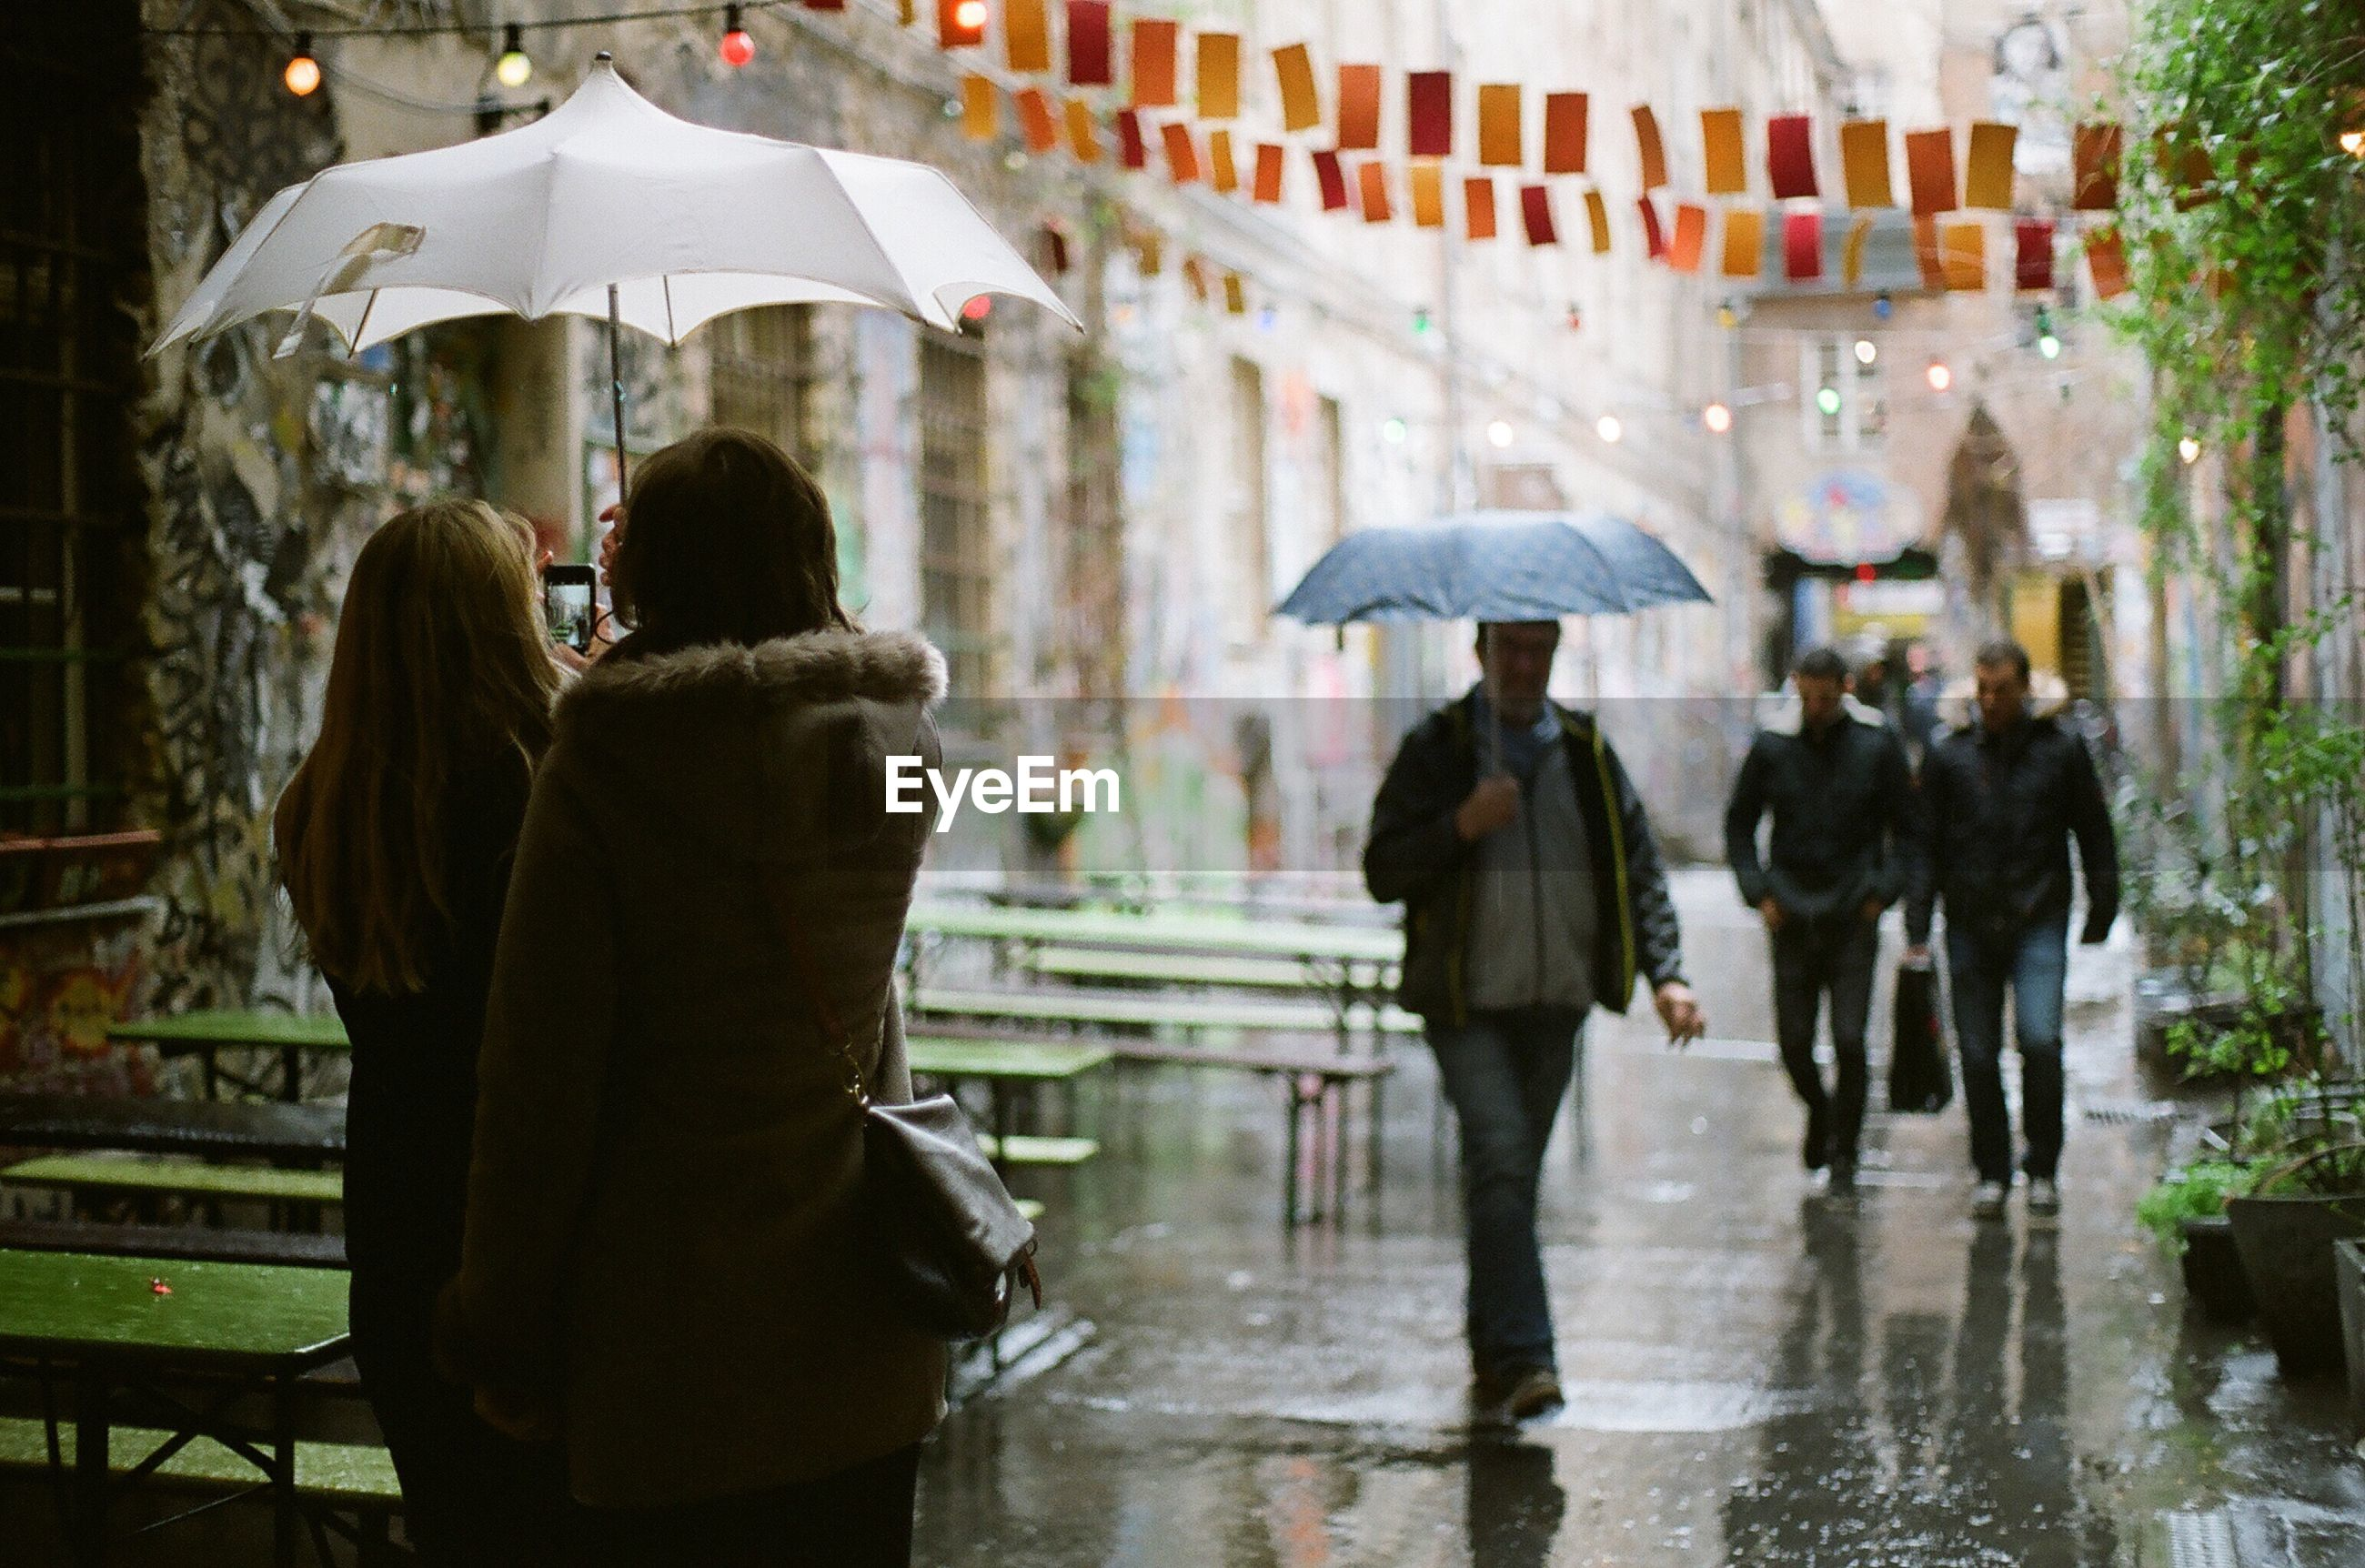 REAR VIEW OF PEOPLE IN WET RAIN